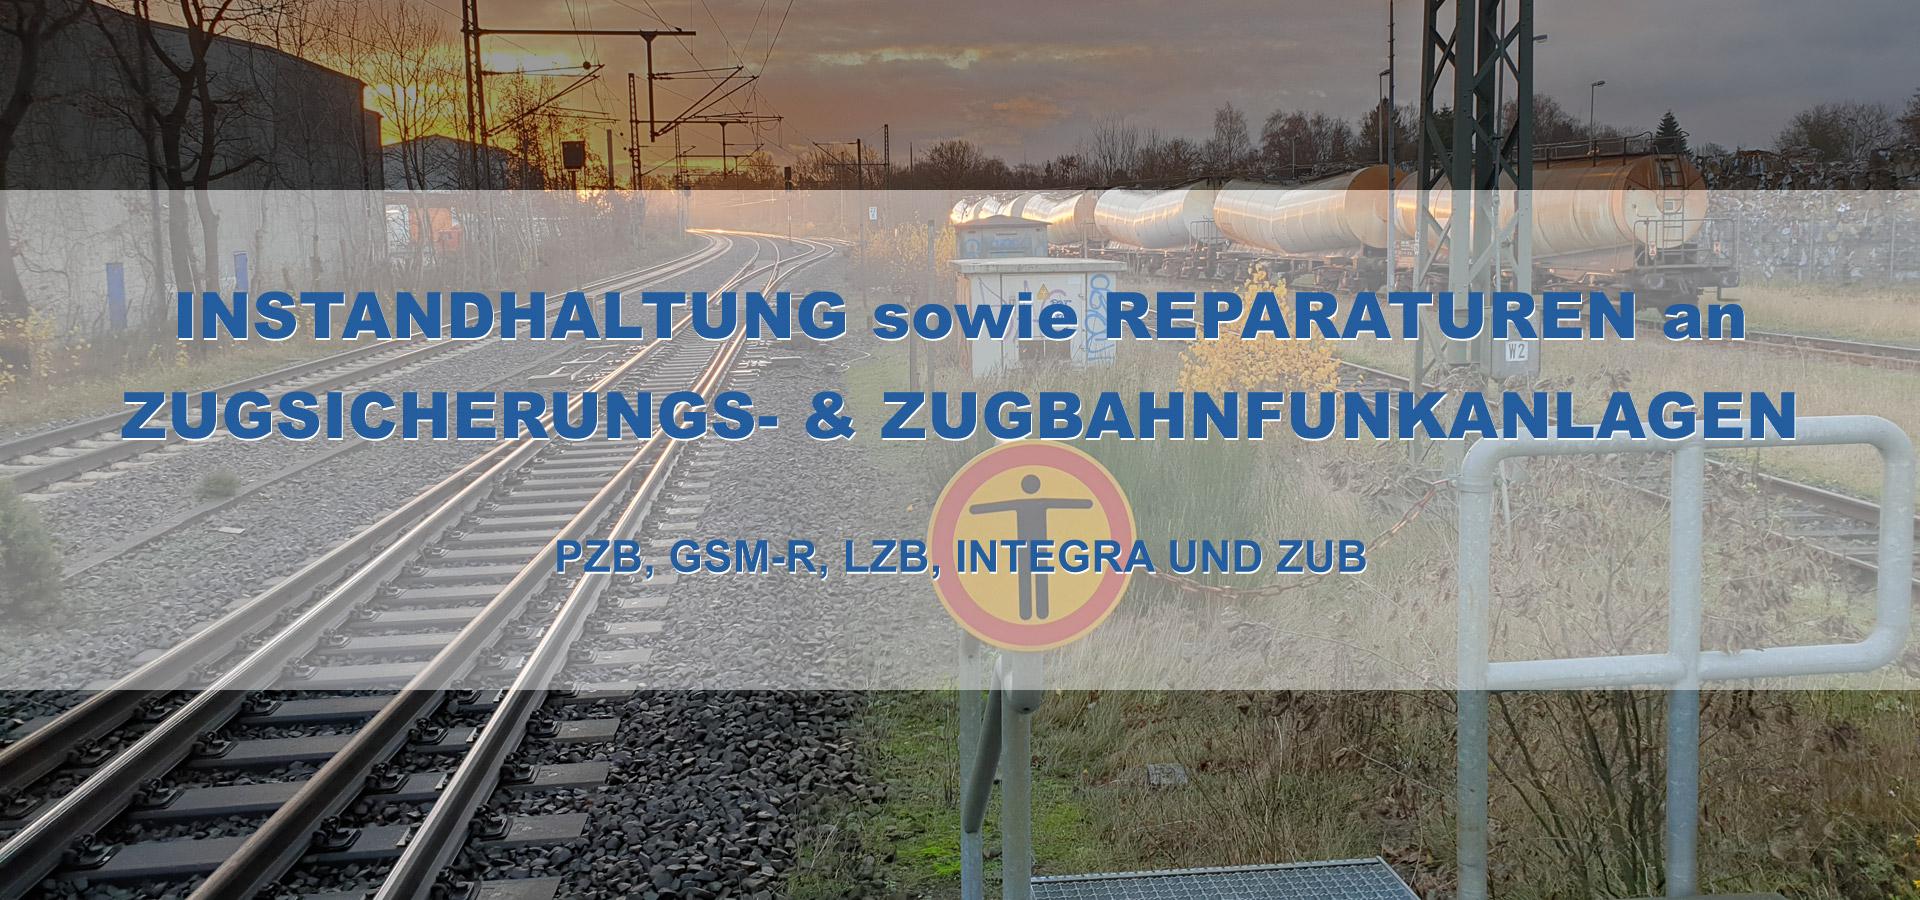 EisenBahnbetriebsTechnik Lübbig GmbH & Co. KG